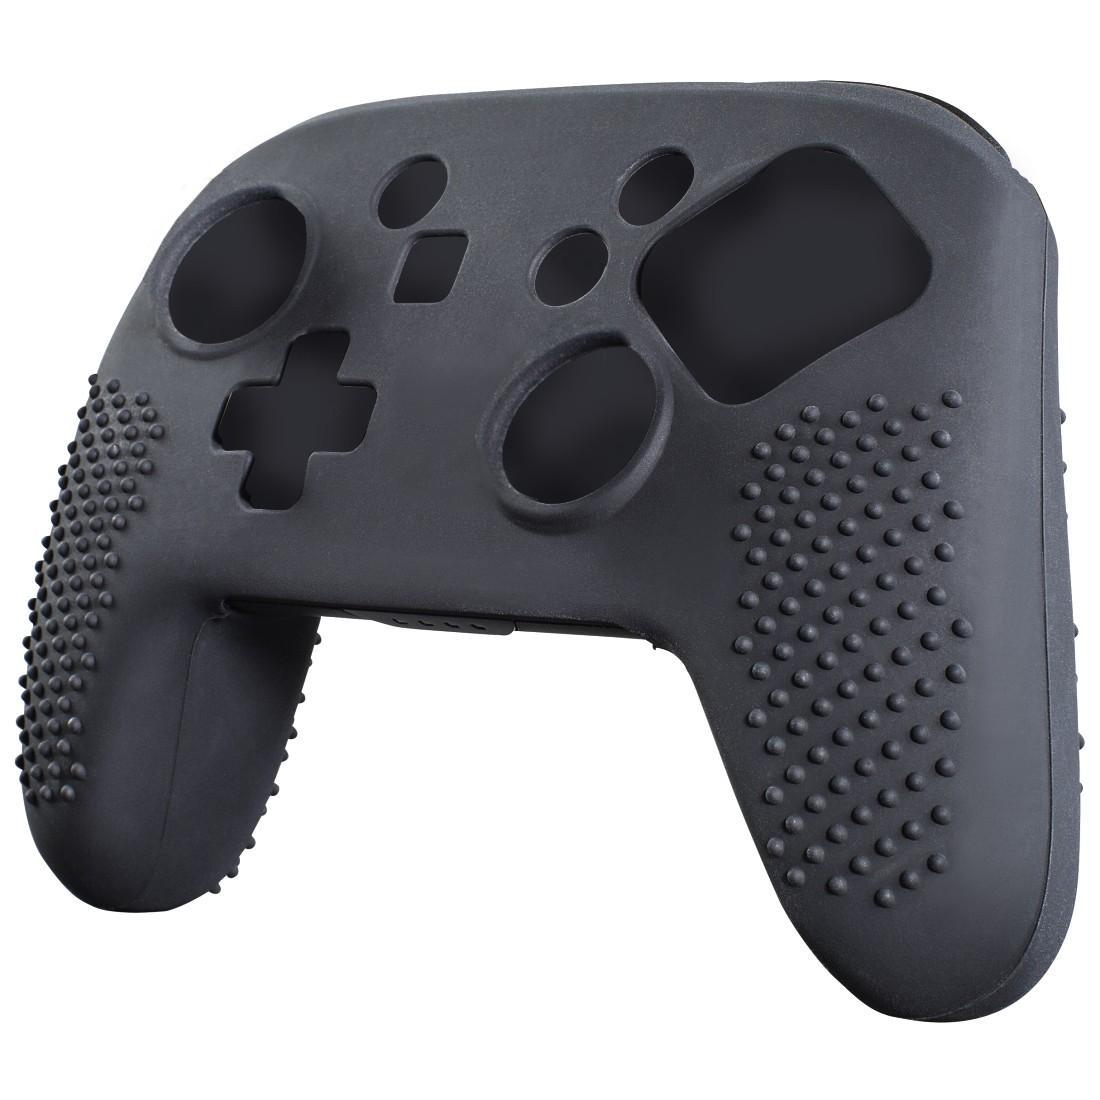 Комплект аксесоари HAMA 54649 7in1 за Nintendo Switch Pro Controller